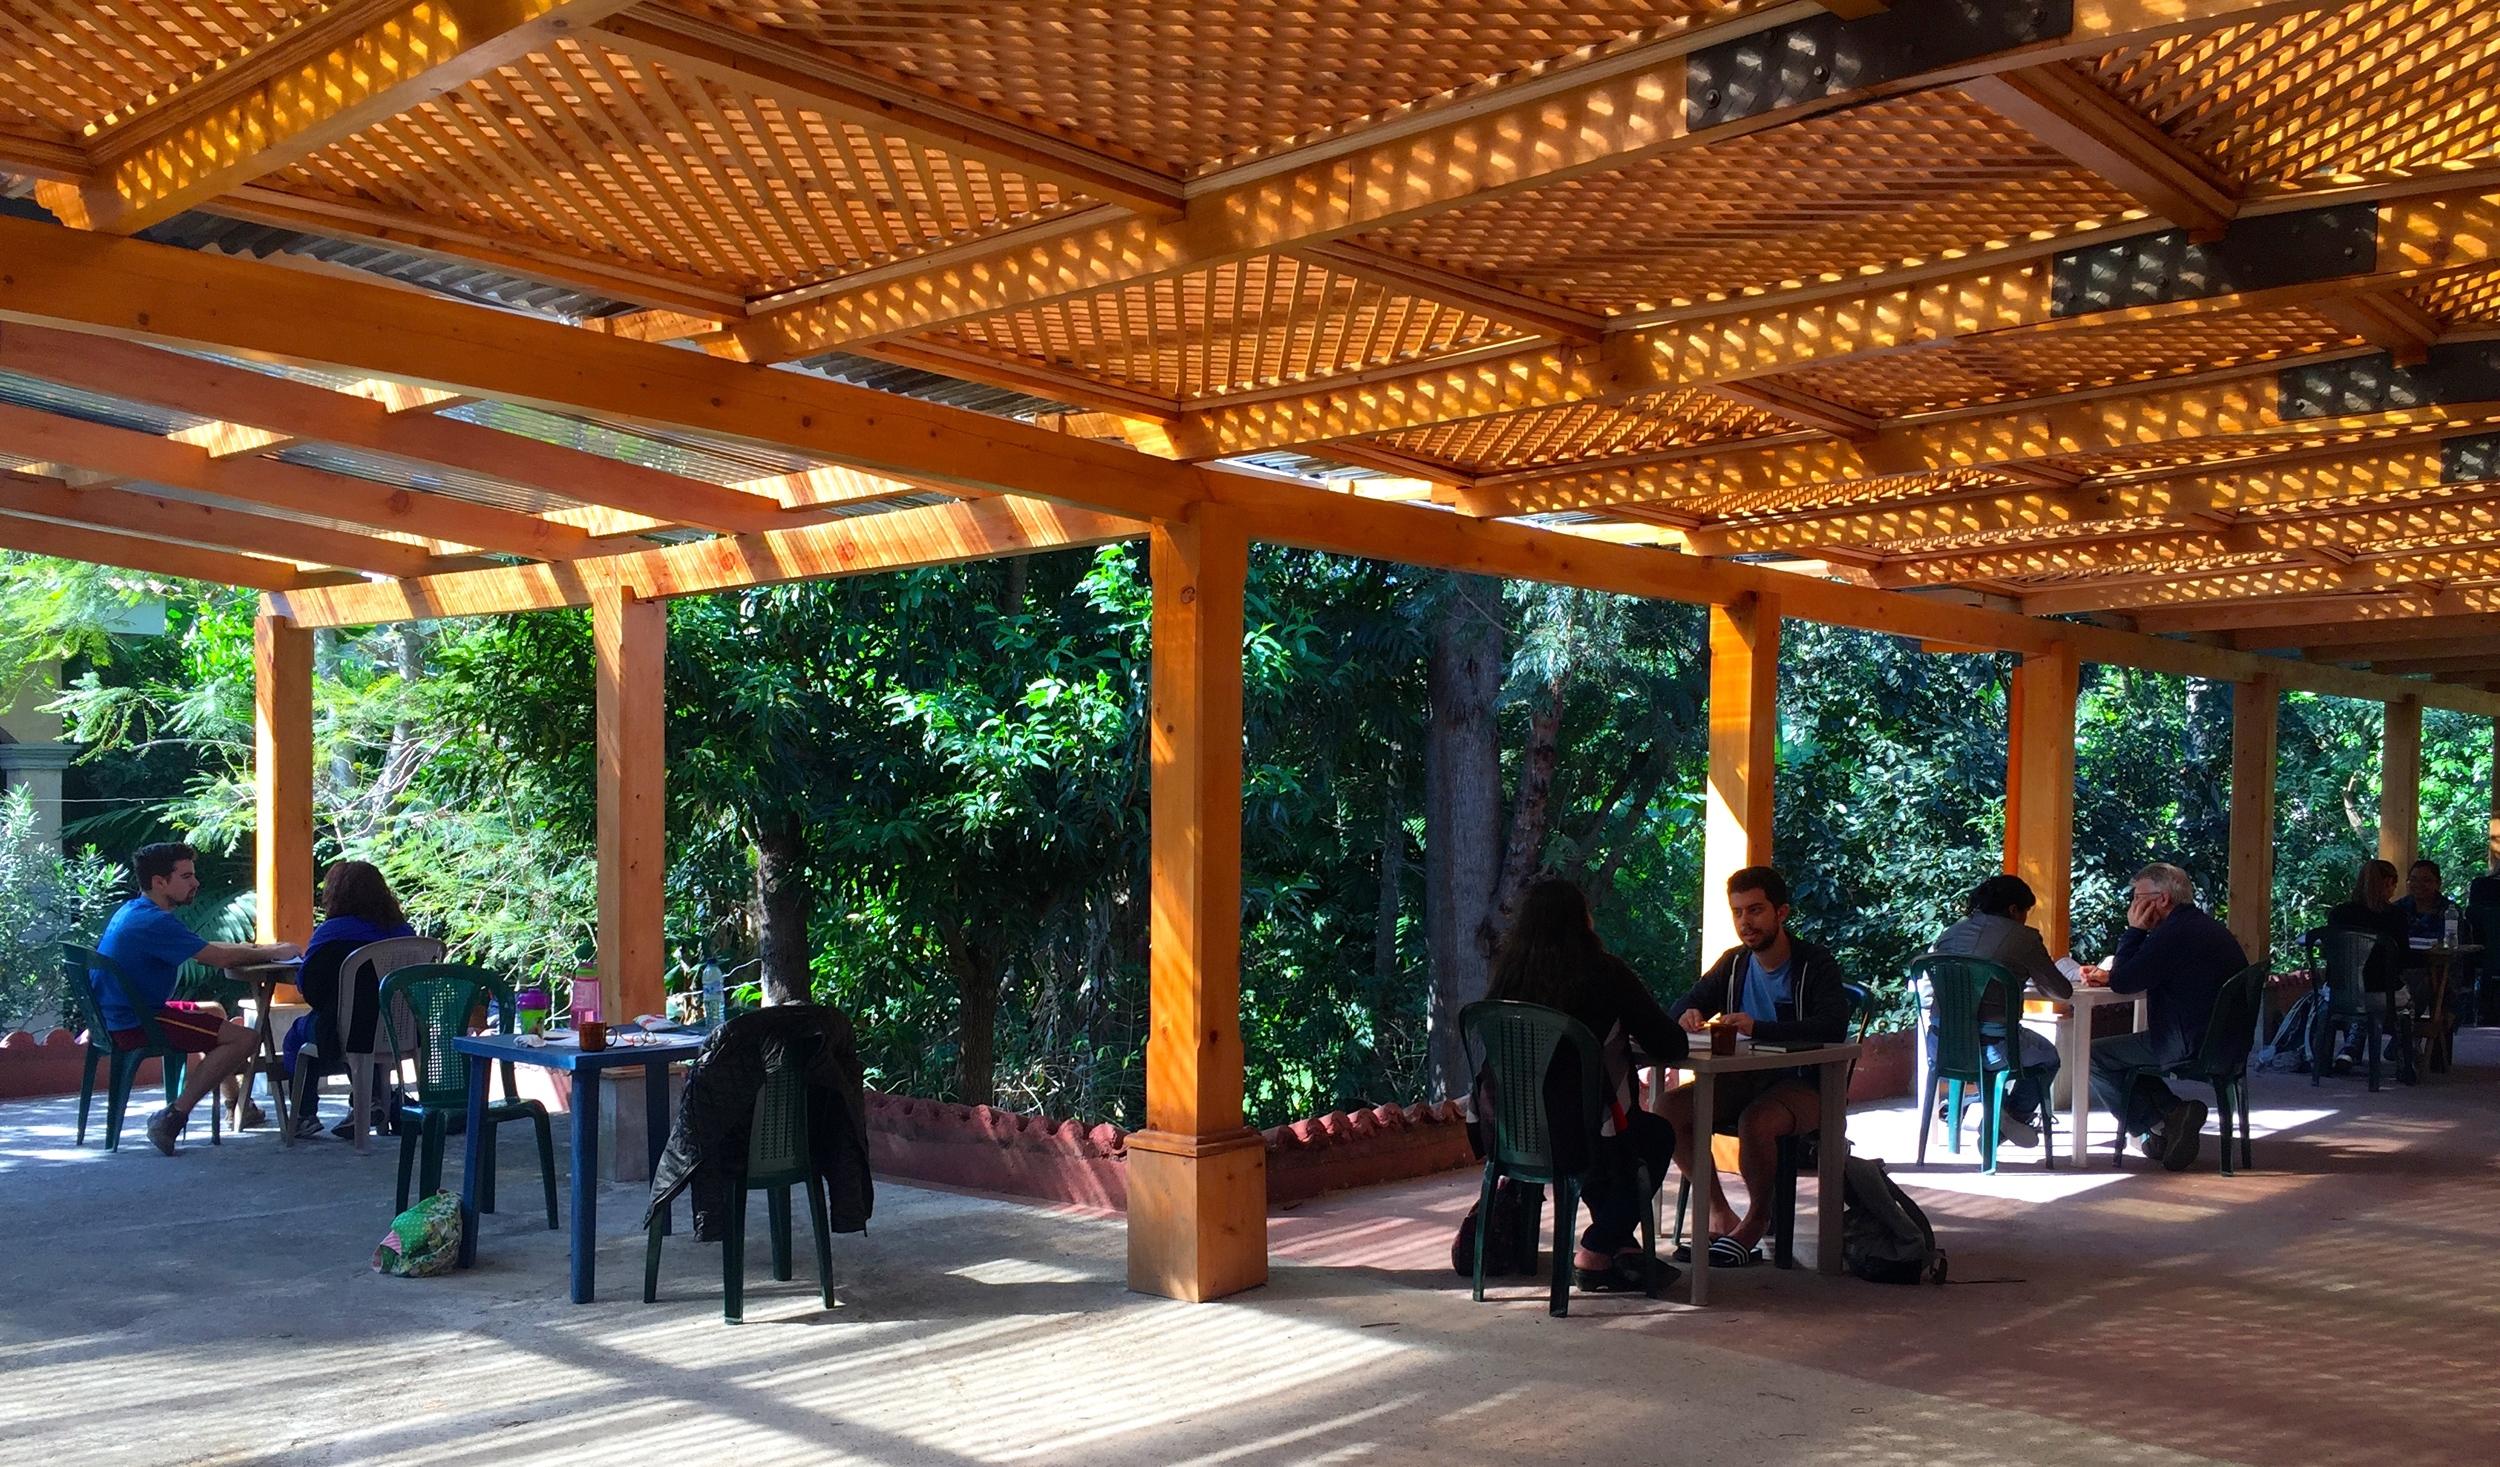 Spanish School in El Jardin (The Garden)